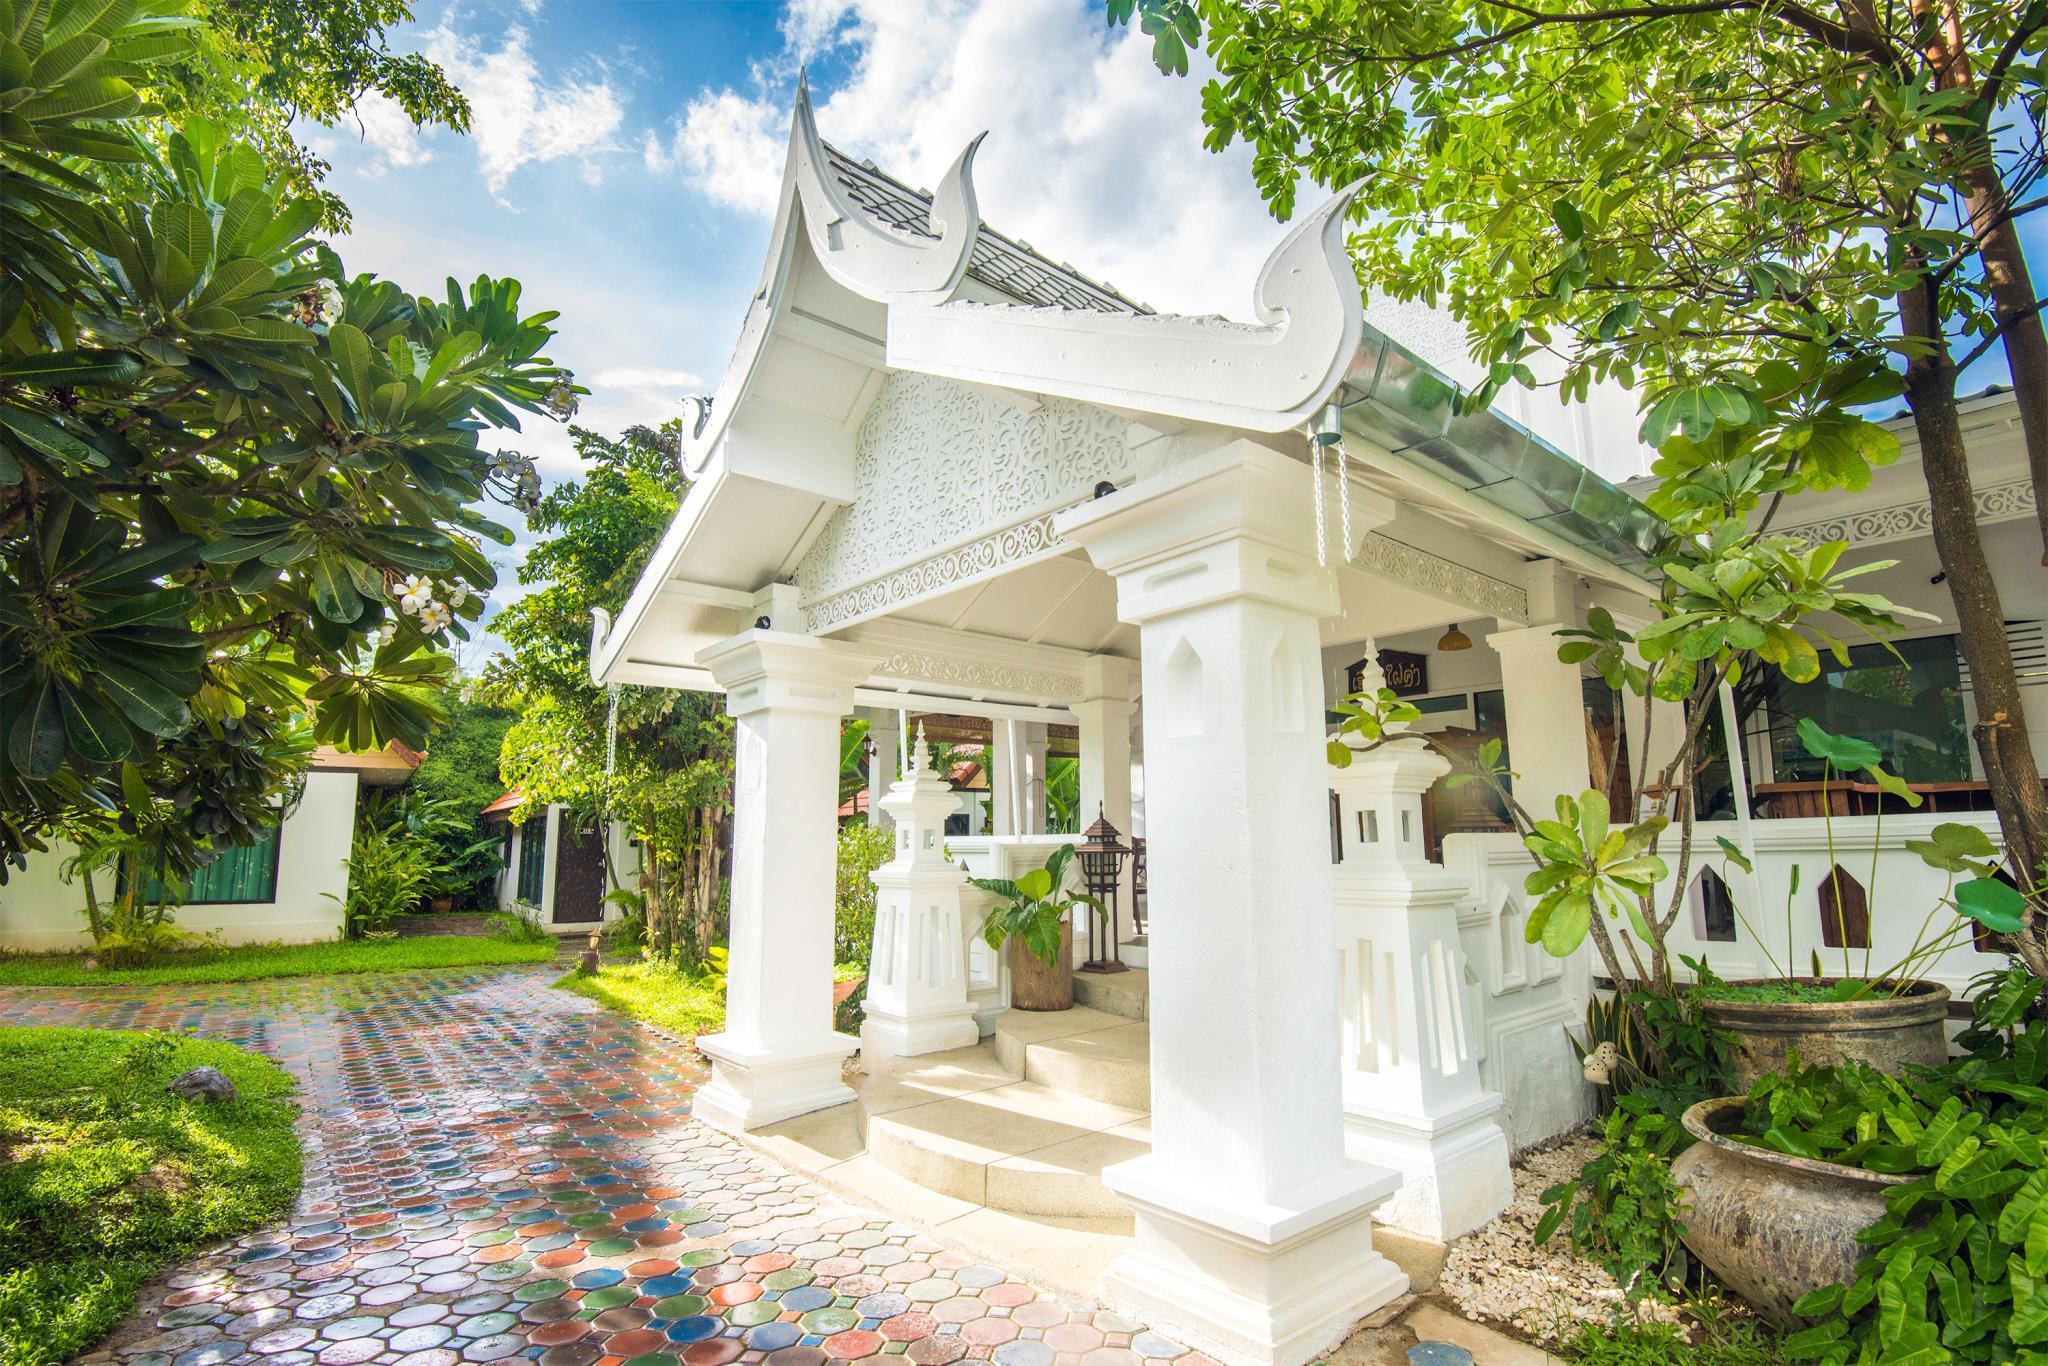 ดูรูปเยอะๆกับ อี-เอ๊าต์ฟิตติ้ง บูทิก โฮเต็ล เชียงใหม่ (E-Outfitting Boutique Hotel Chiangmai) ลดกระหน่ำ